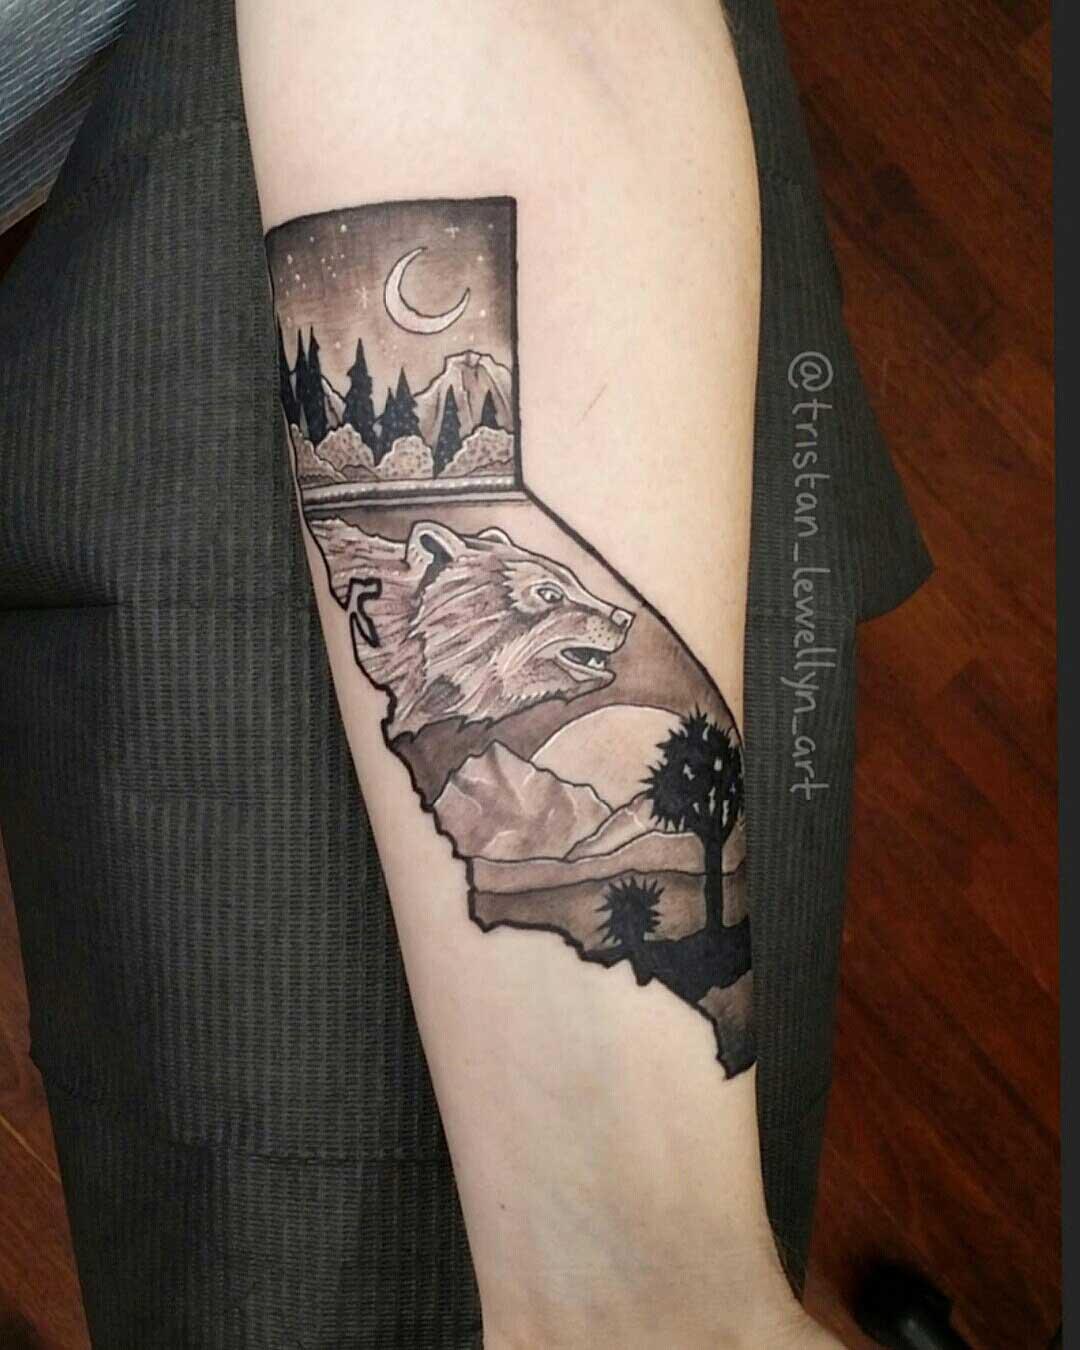 Tattoo Artist At Funhouse Tattoo San Diego